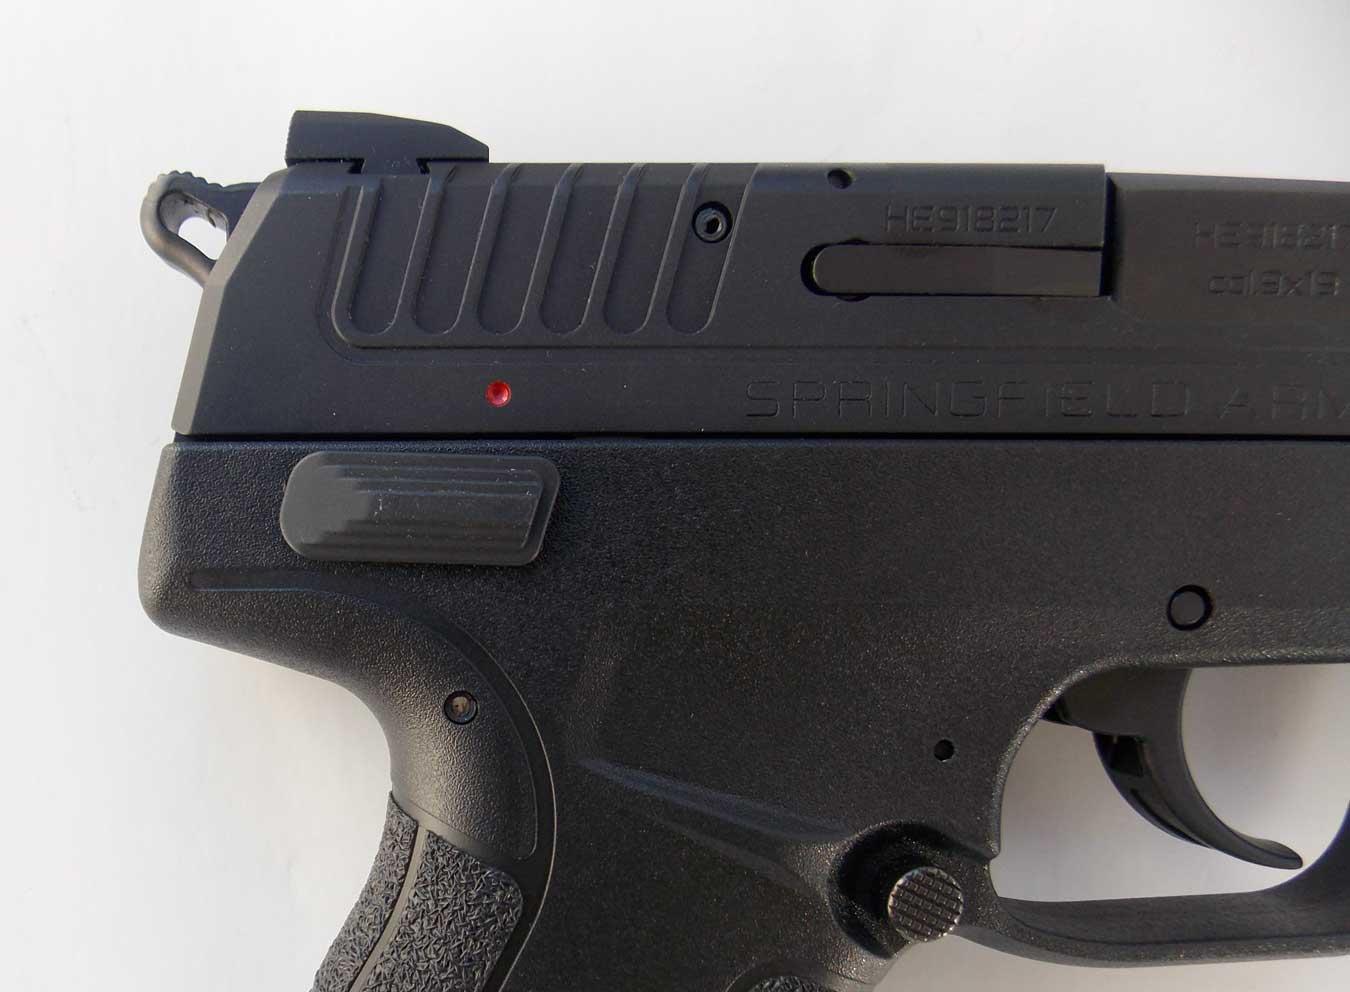 Ambidextrous safety on a pistol